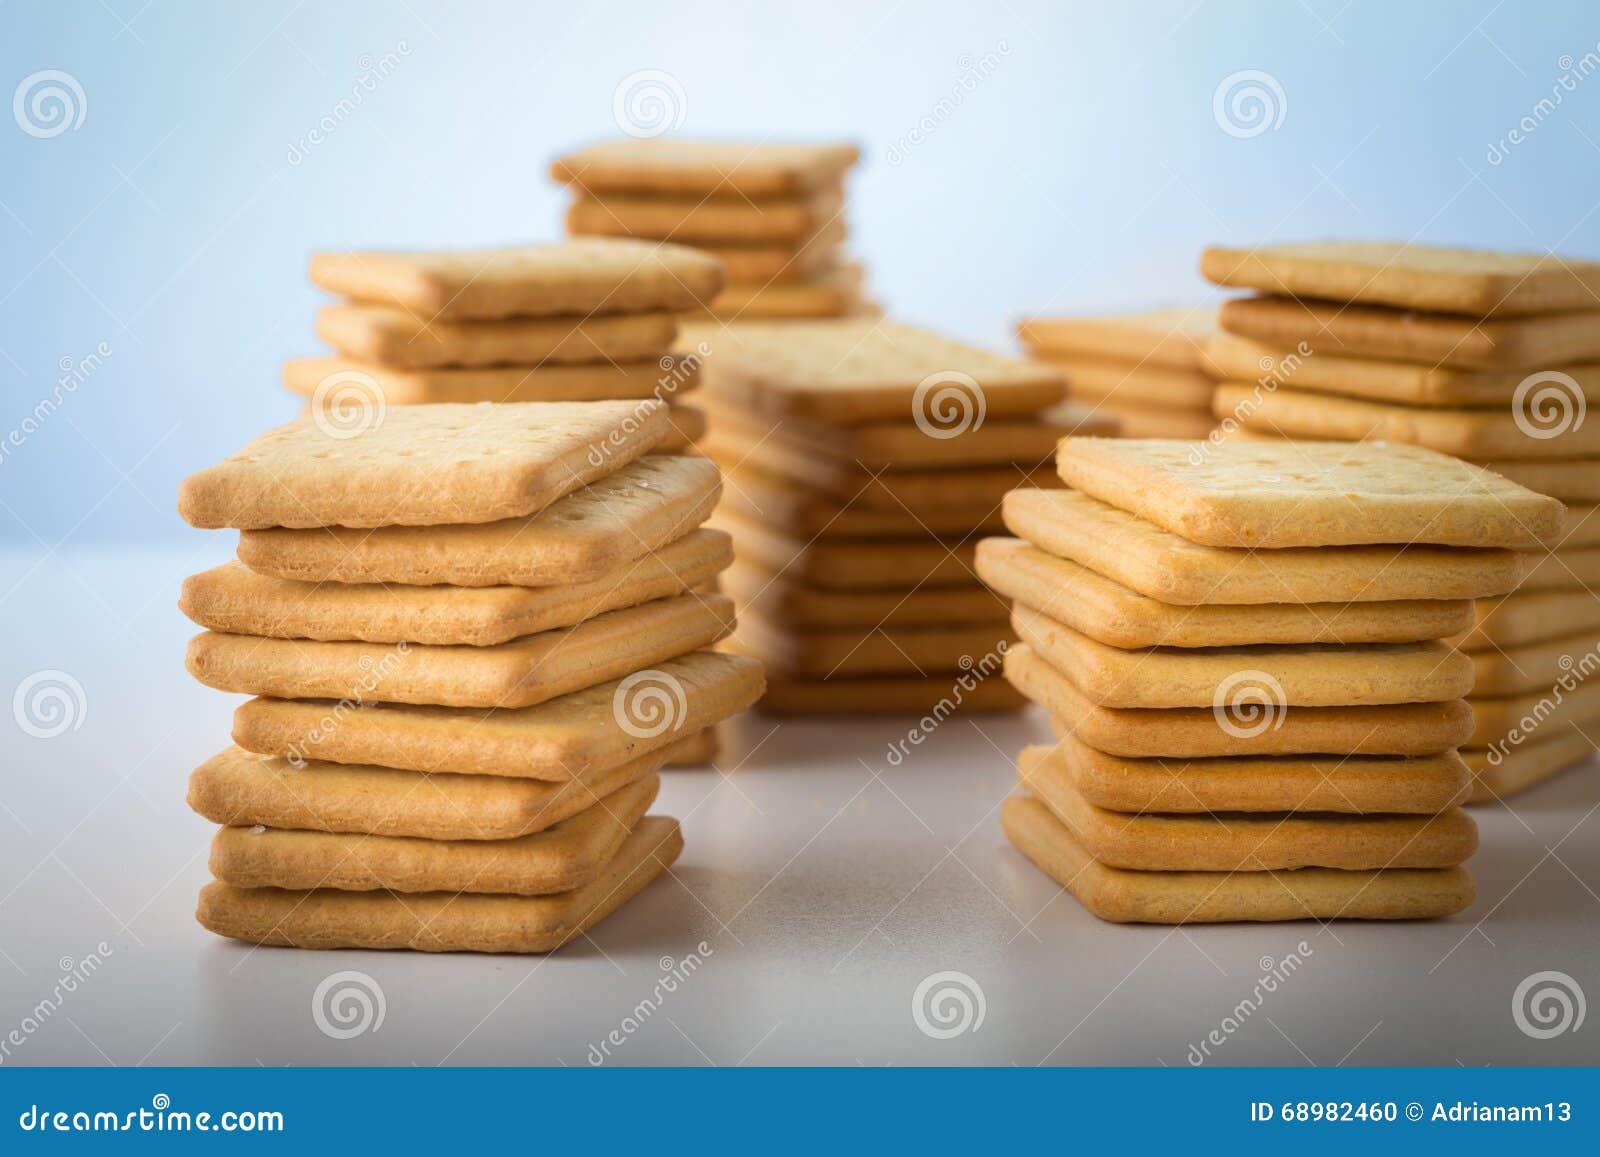 Manojo de galletas saladas